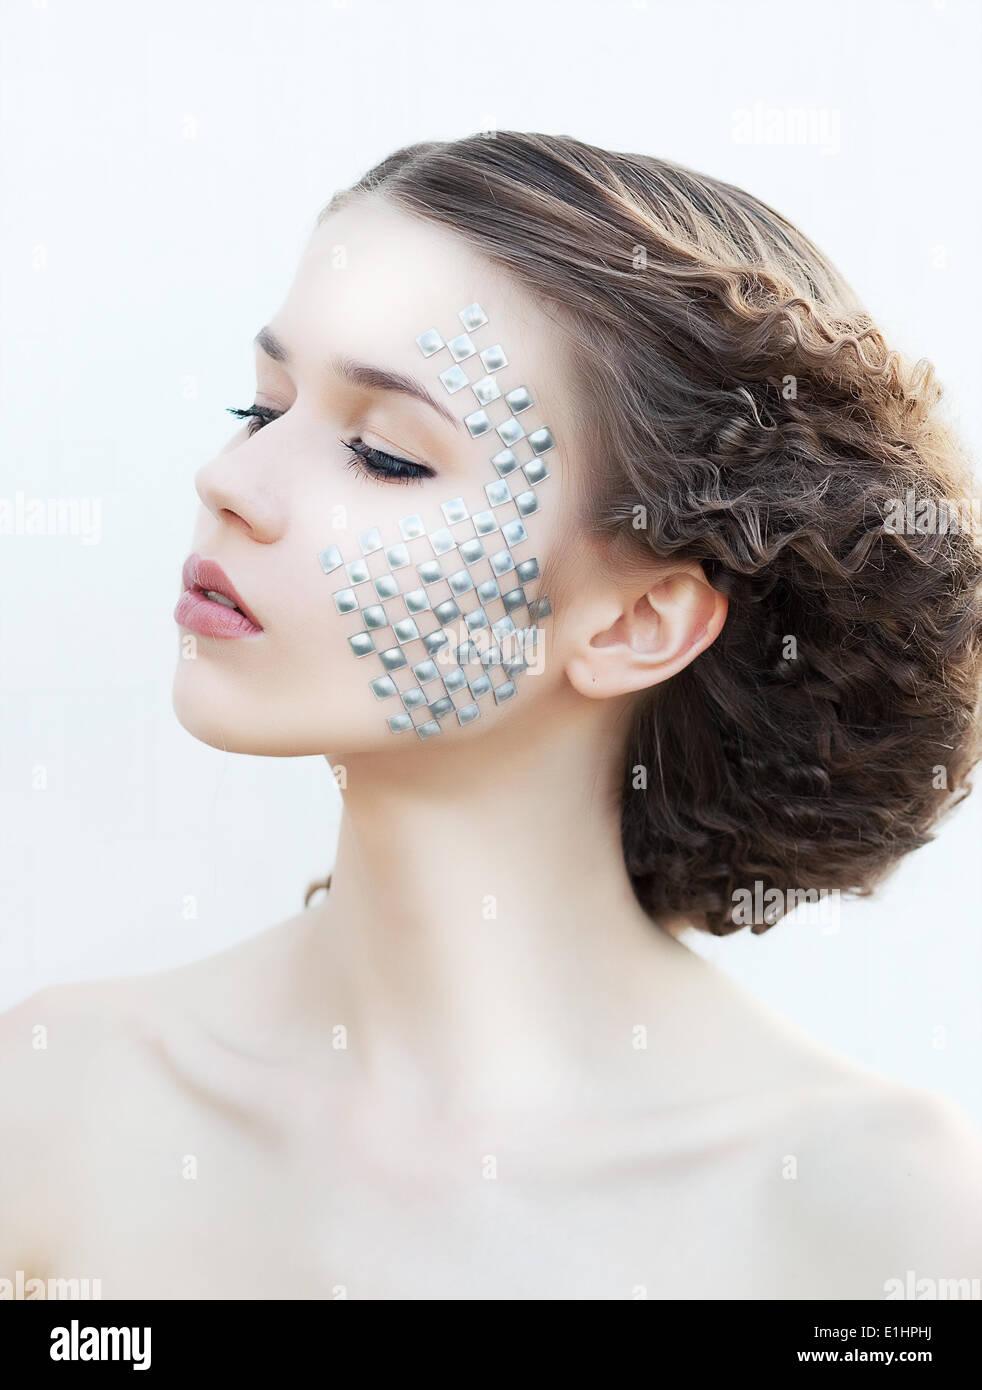 Bella ragazza giovane faccia. Una pelle perfetta concetto. Arte per il make-up. Bellezze naturali Foto Stock